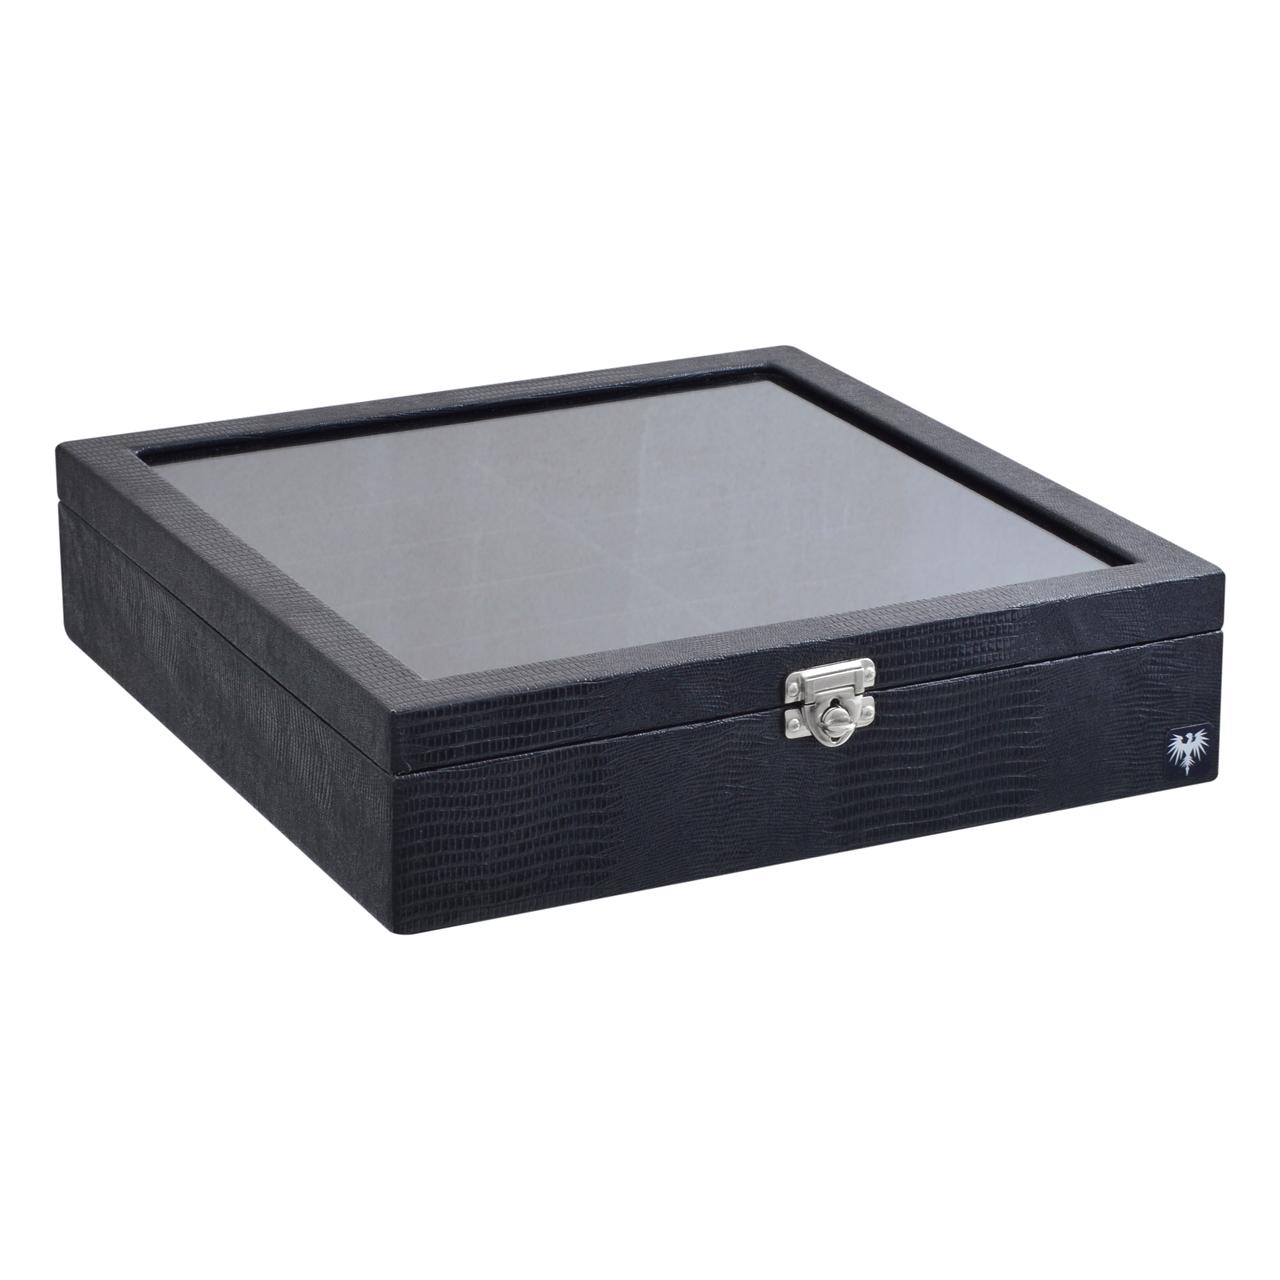 estojo-couro-ecologico-12-oculos-preto-preto-porta-caixa-imagem-10.JPG